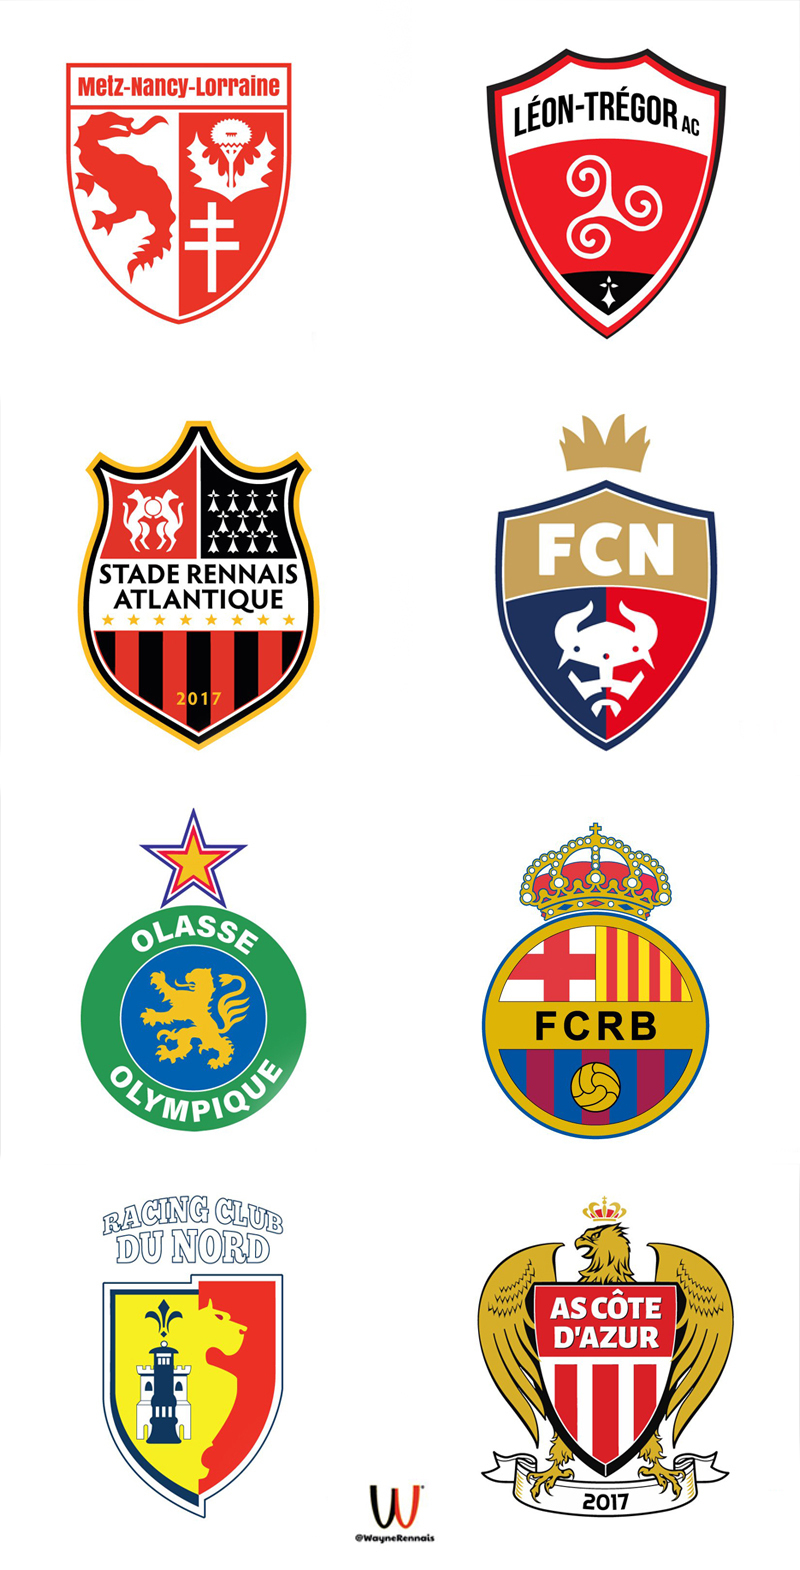 Détournement Logo - Ca Match - Psg Om - Agence Com Tongui intérieur Ecusson Des Equipes De Foot